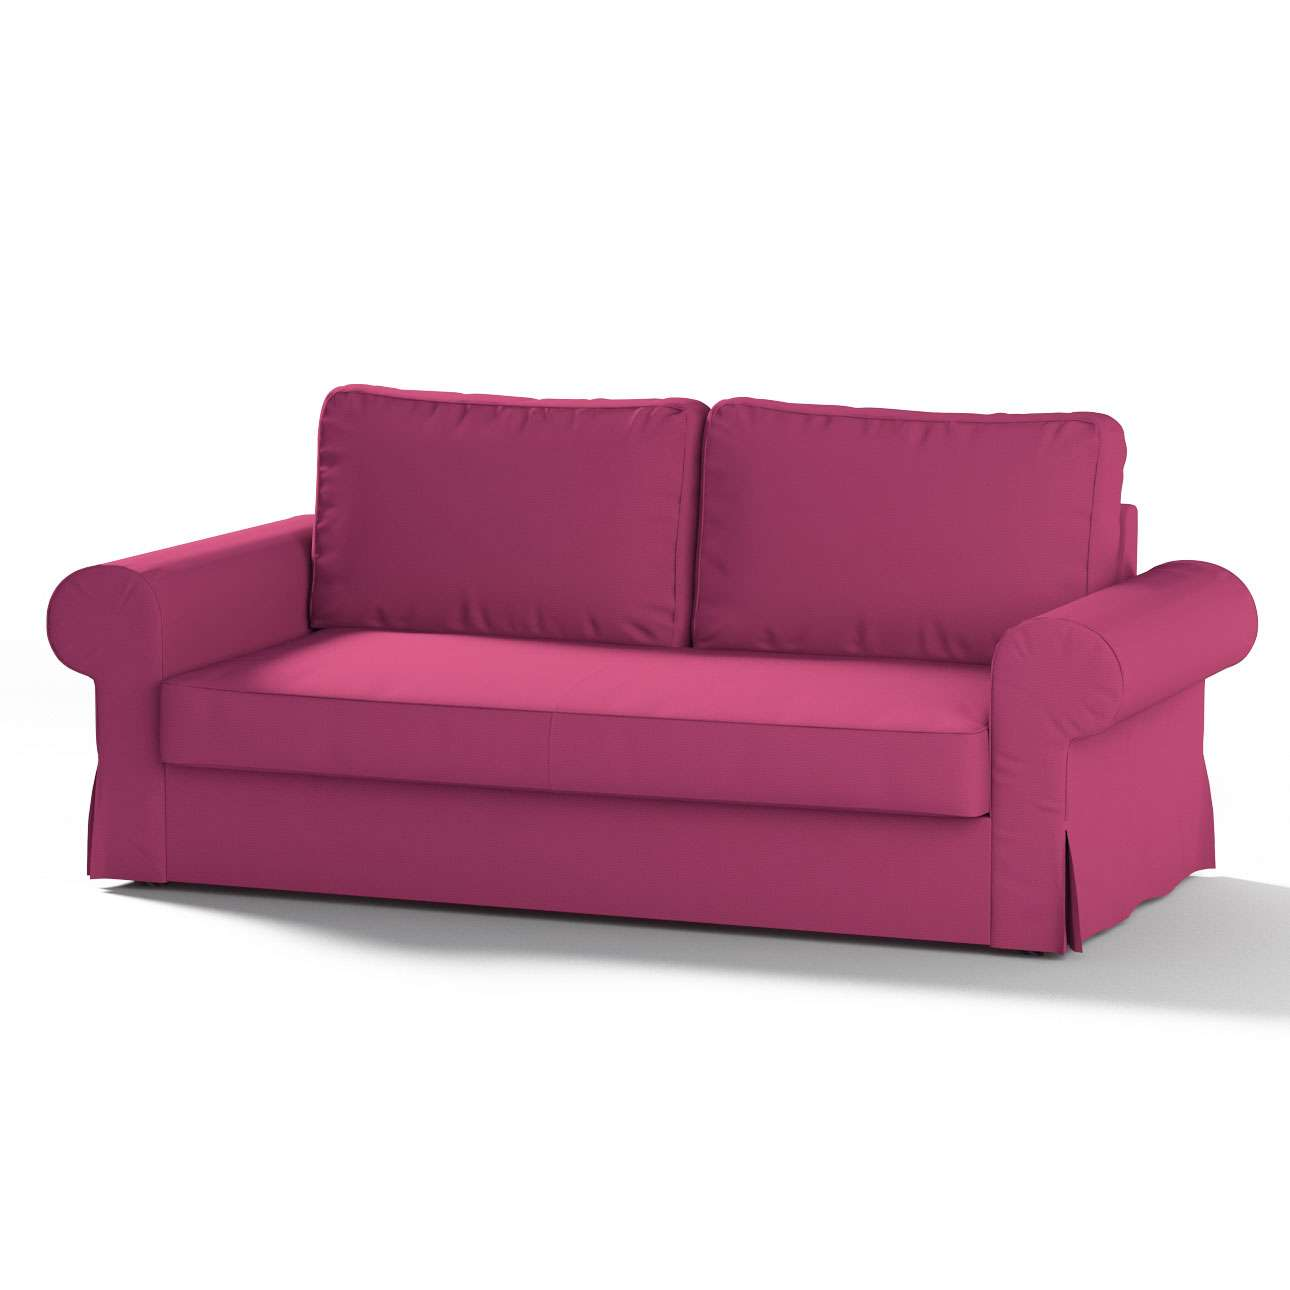 Bezug für Backabro 3-Sitzer Sofa ausklappbar von der Kollektion Etna, Stoff: 705-23